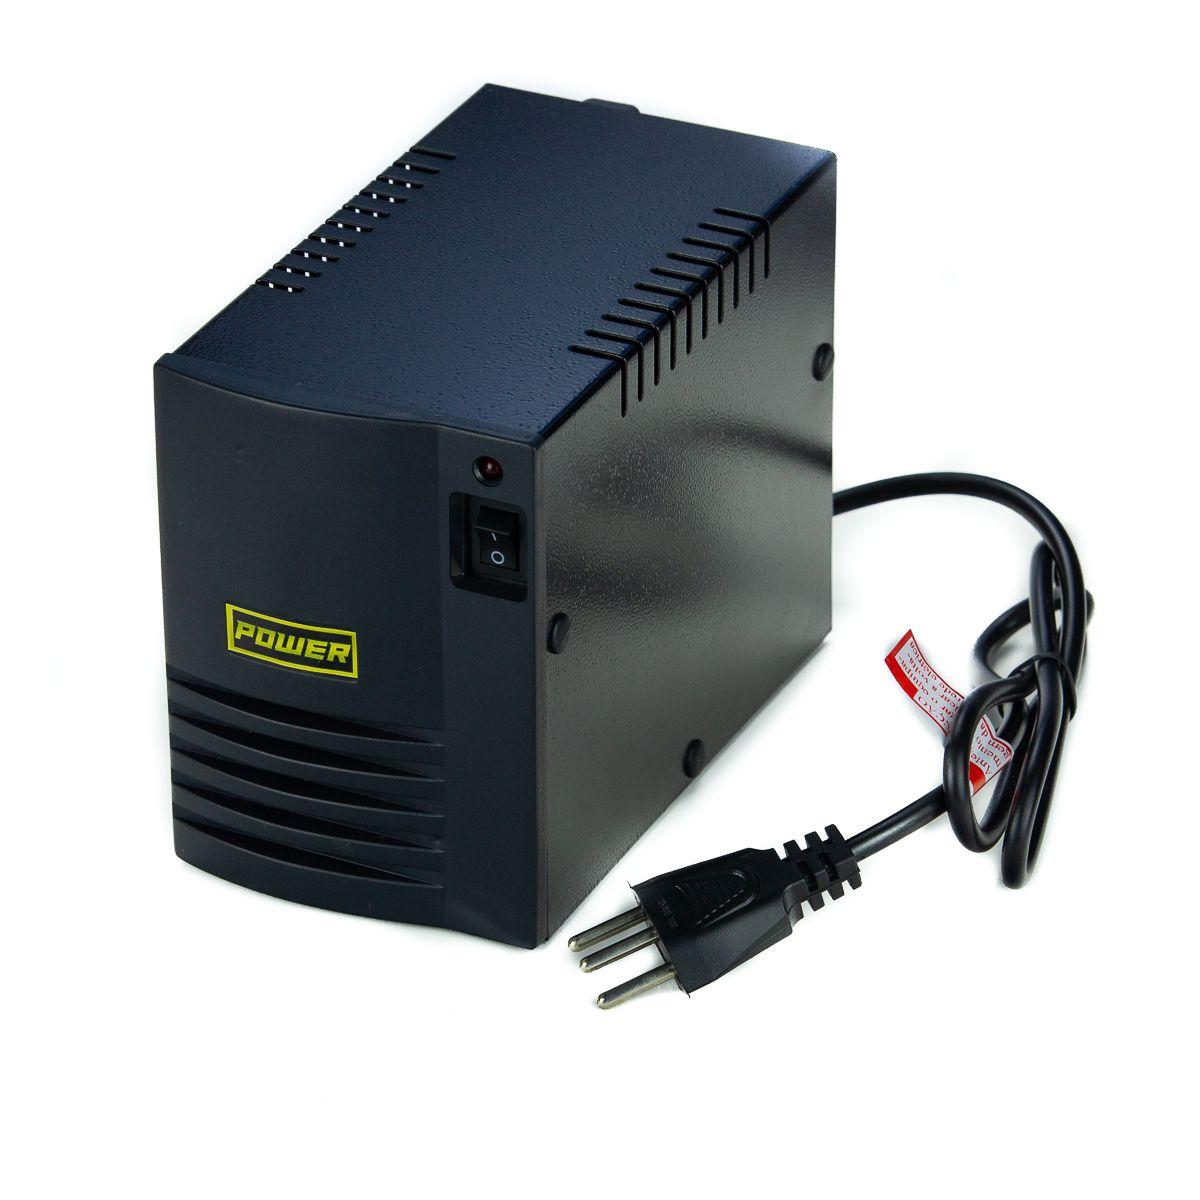 Protetor De Energia 1000 Va 110 V 127 V Fiolux Power